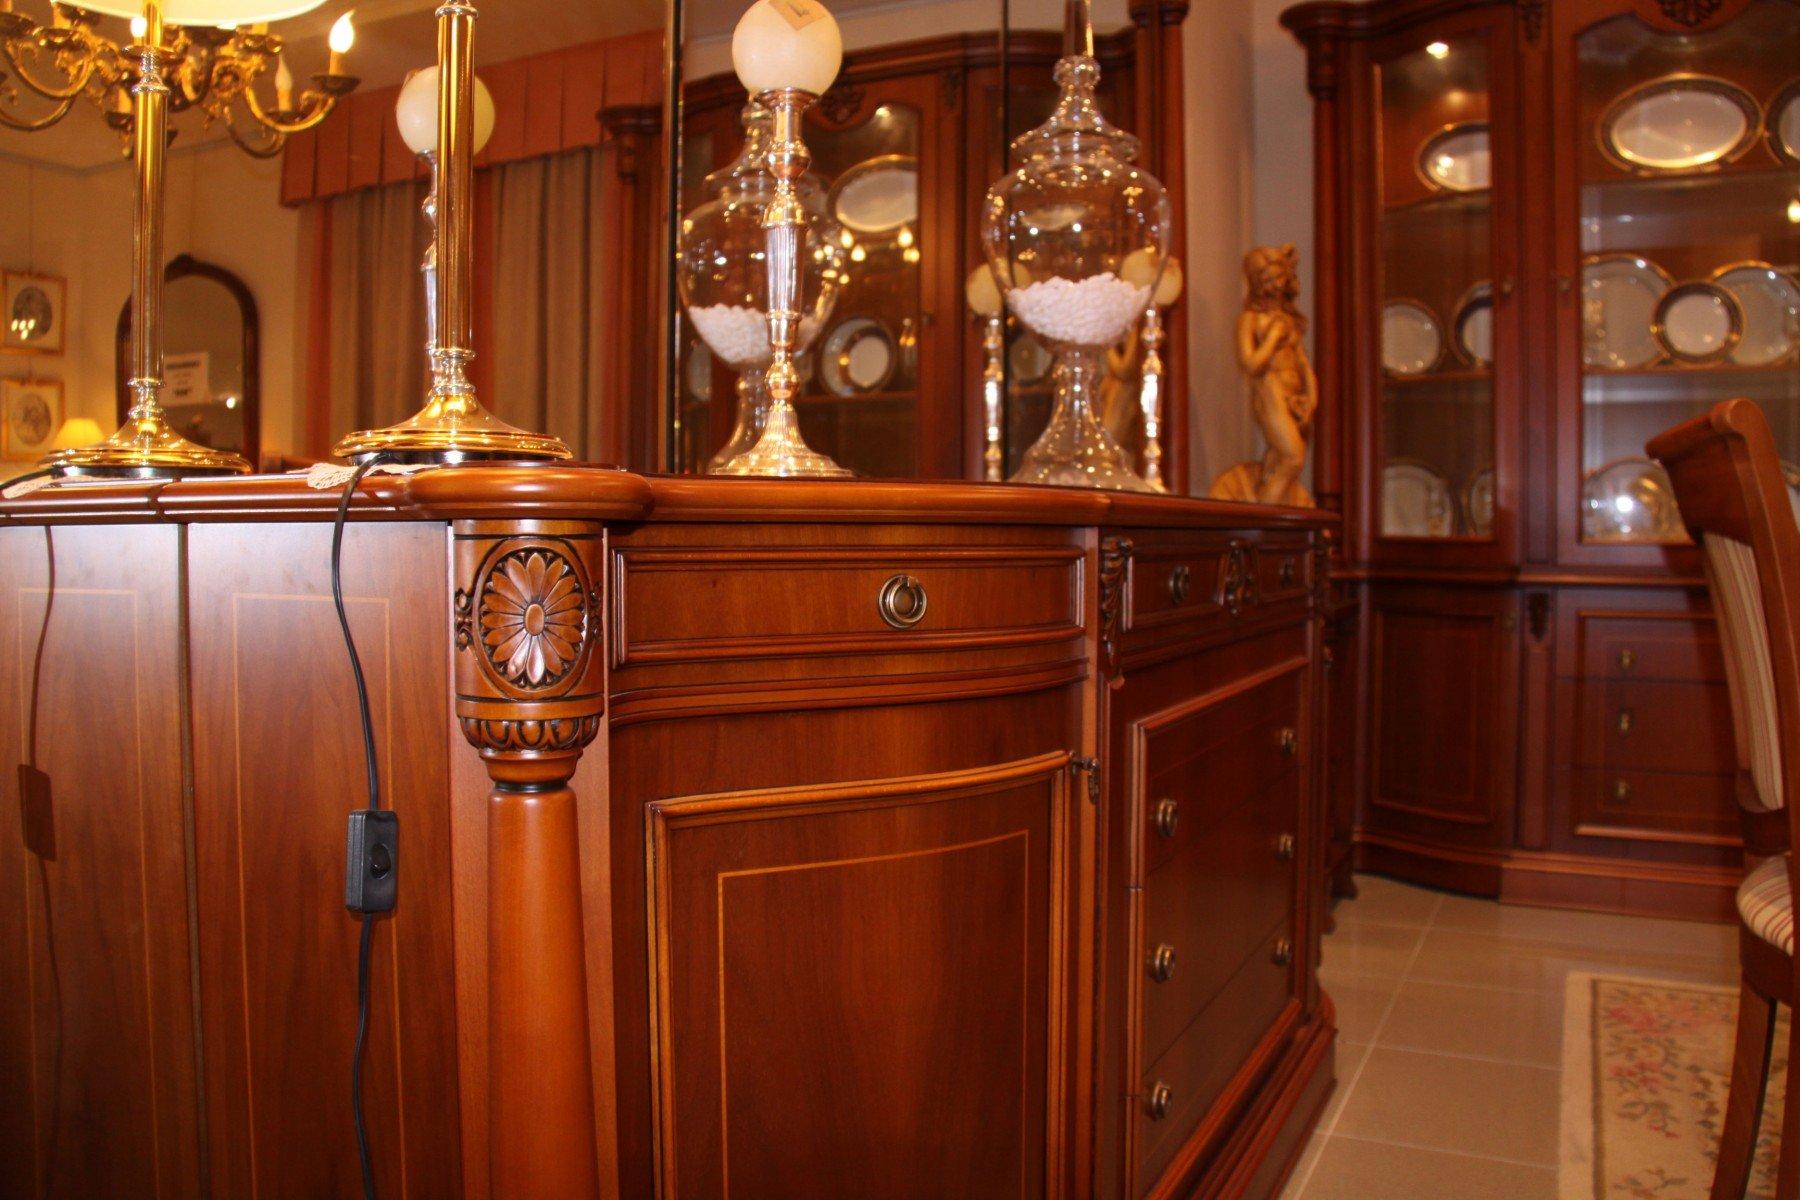 Comedores de estilo moderno muebles valencia tienda de for Regalo muebles valencia